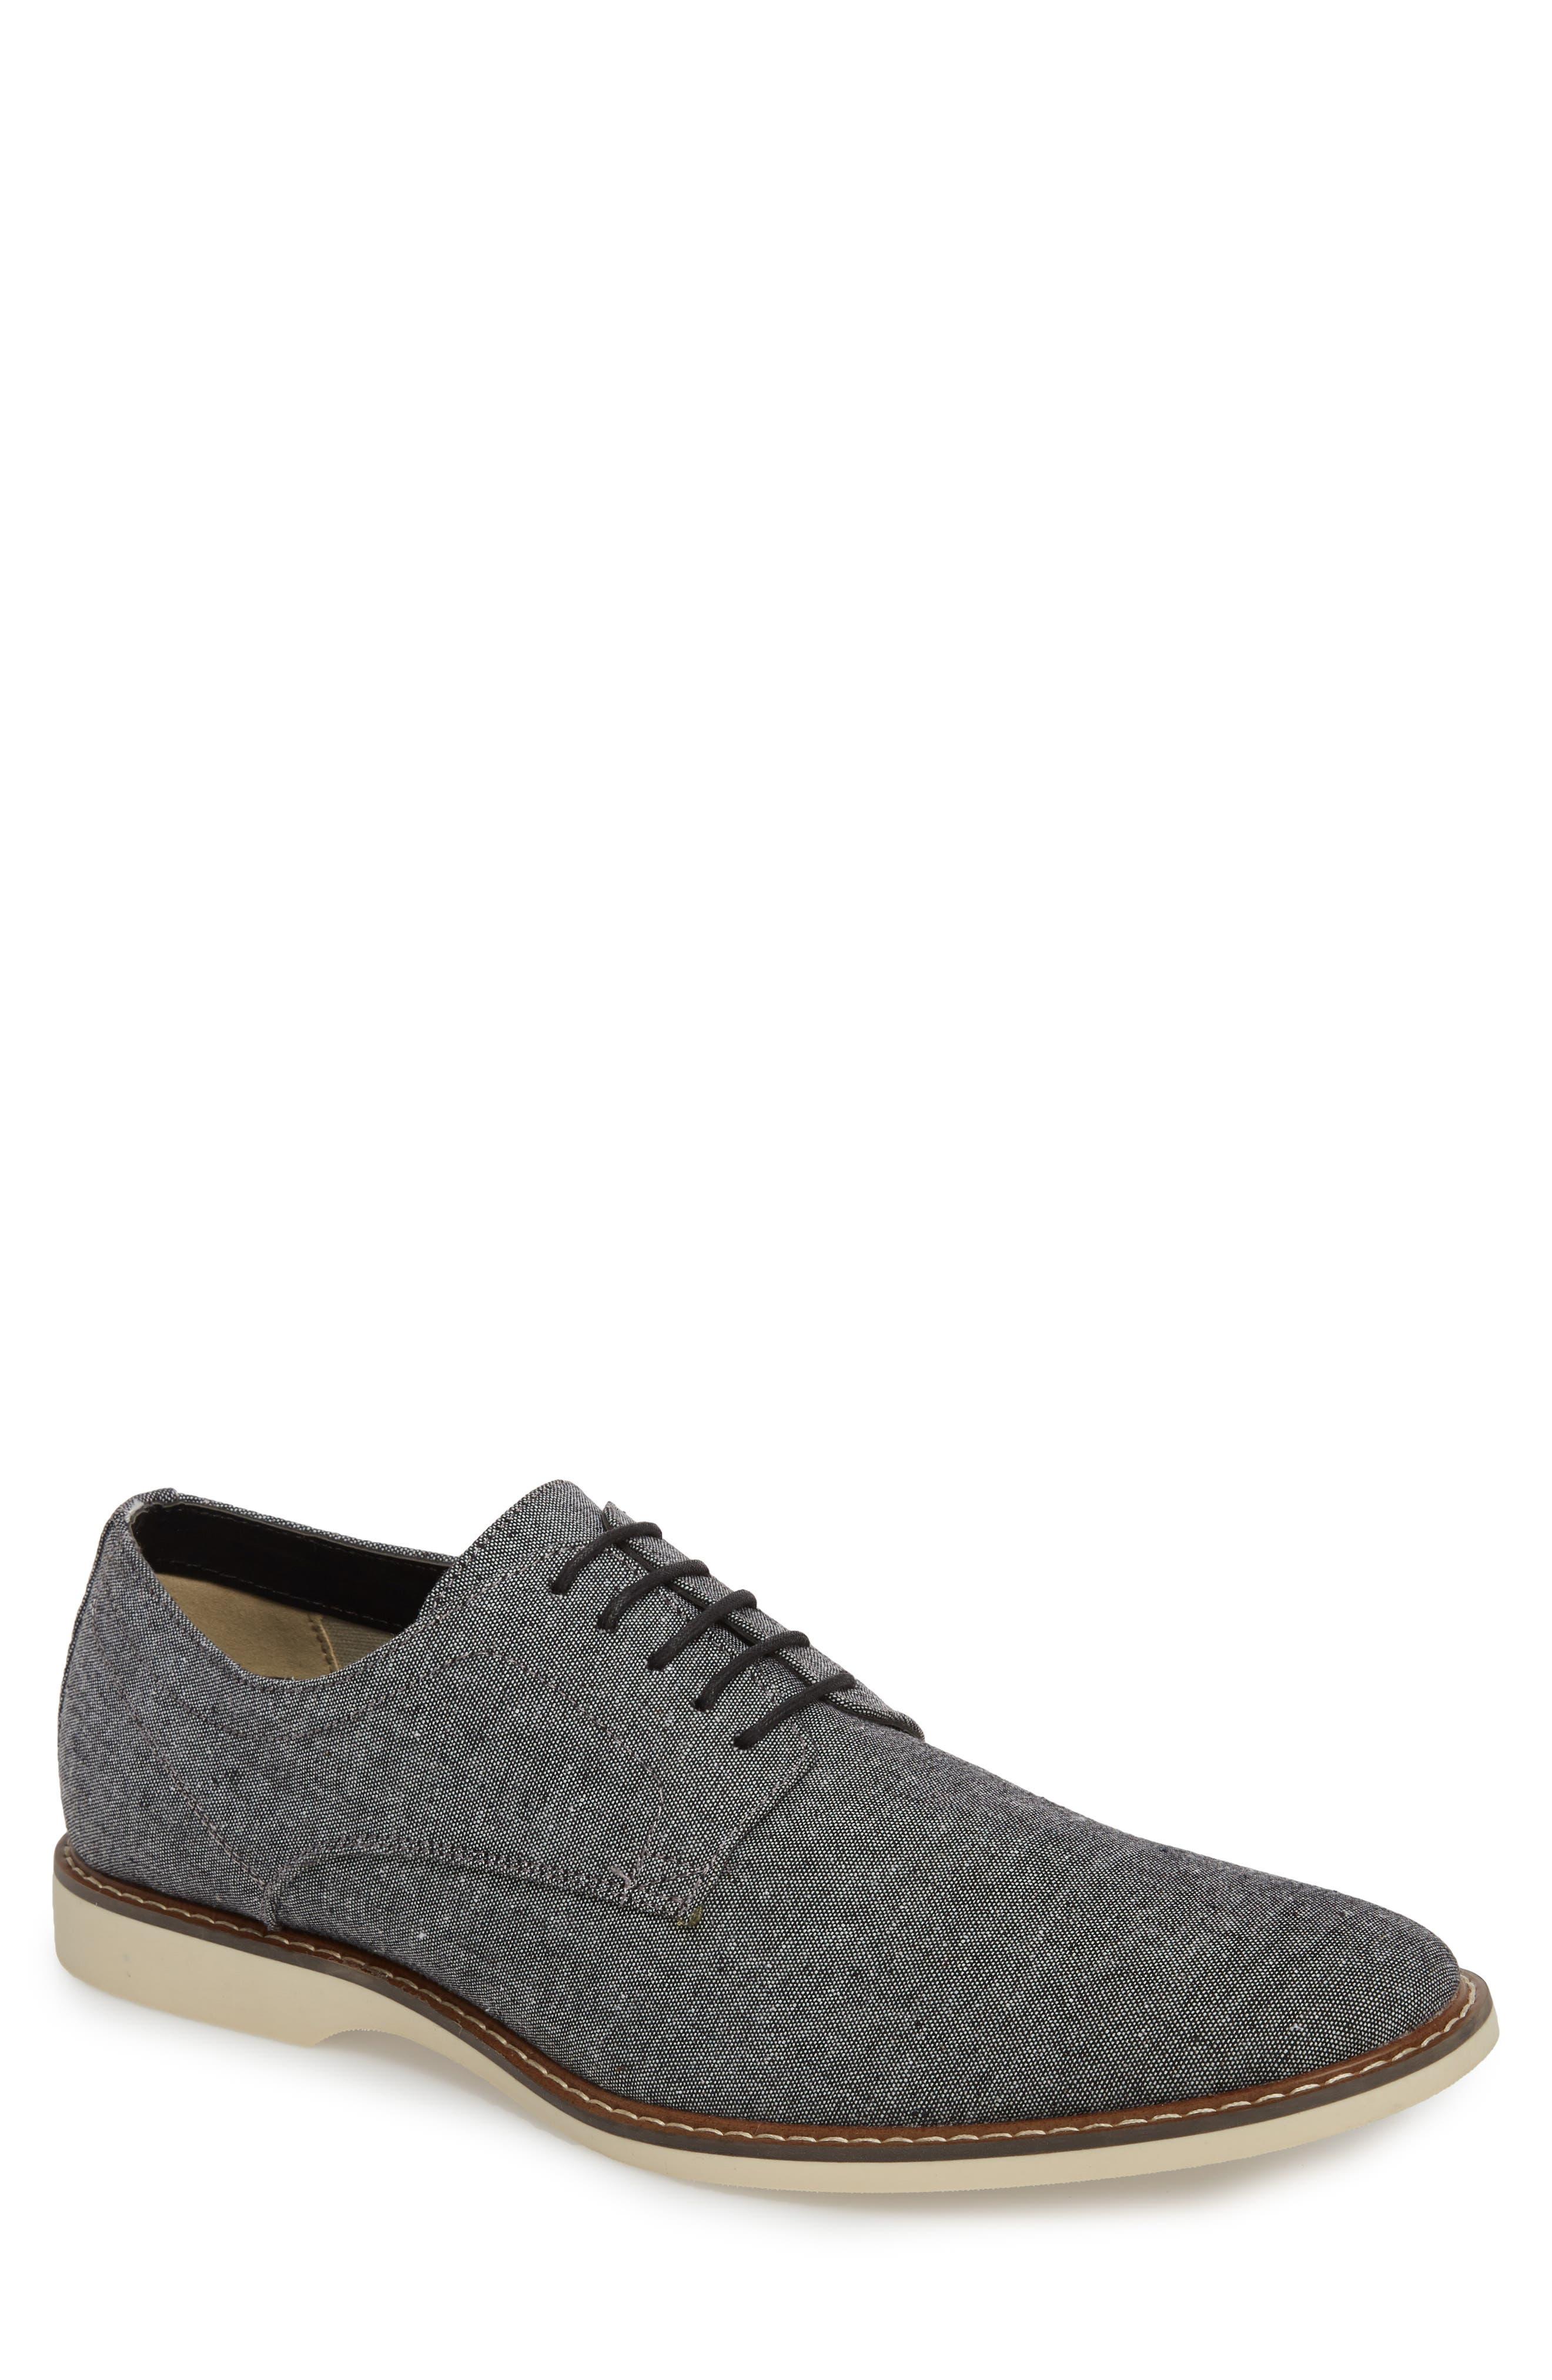 Austin Buck Shoe,                         Main,                         color,